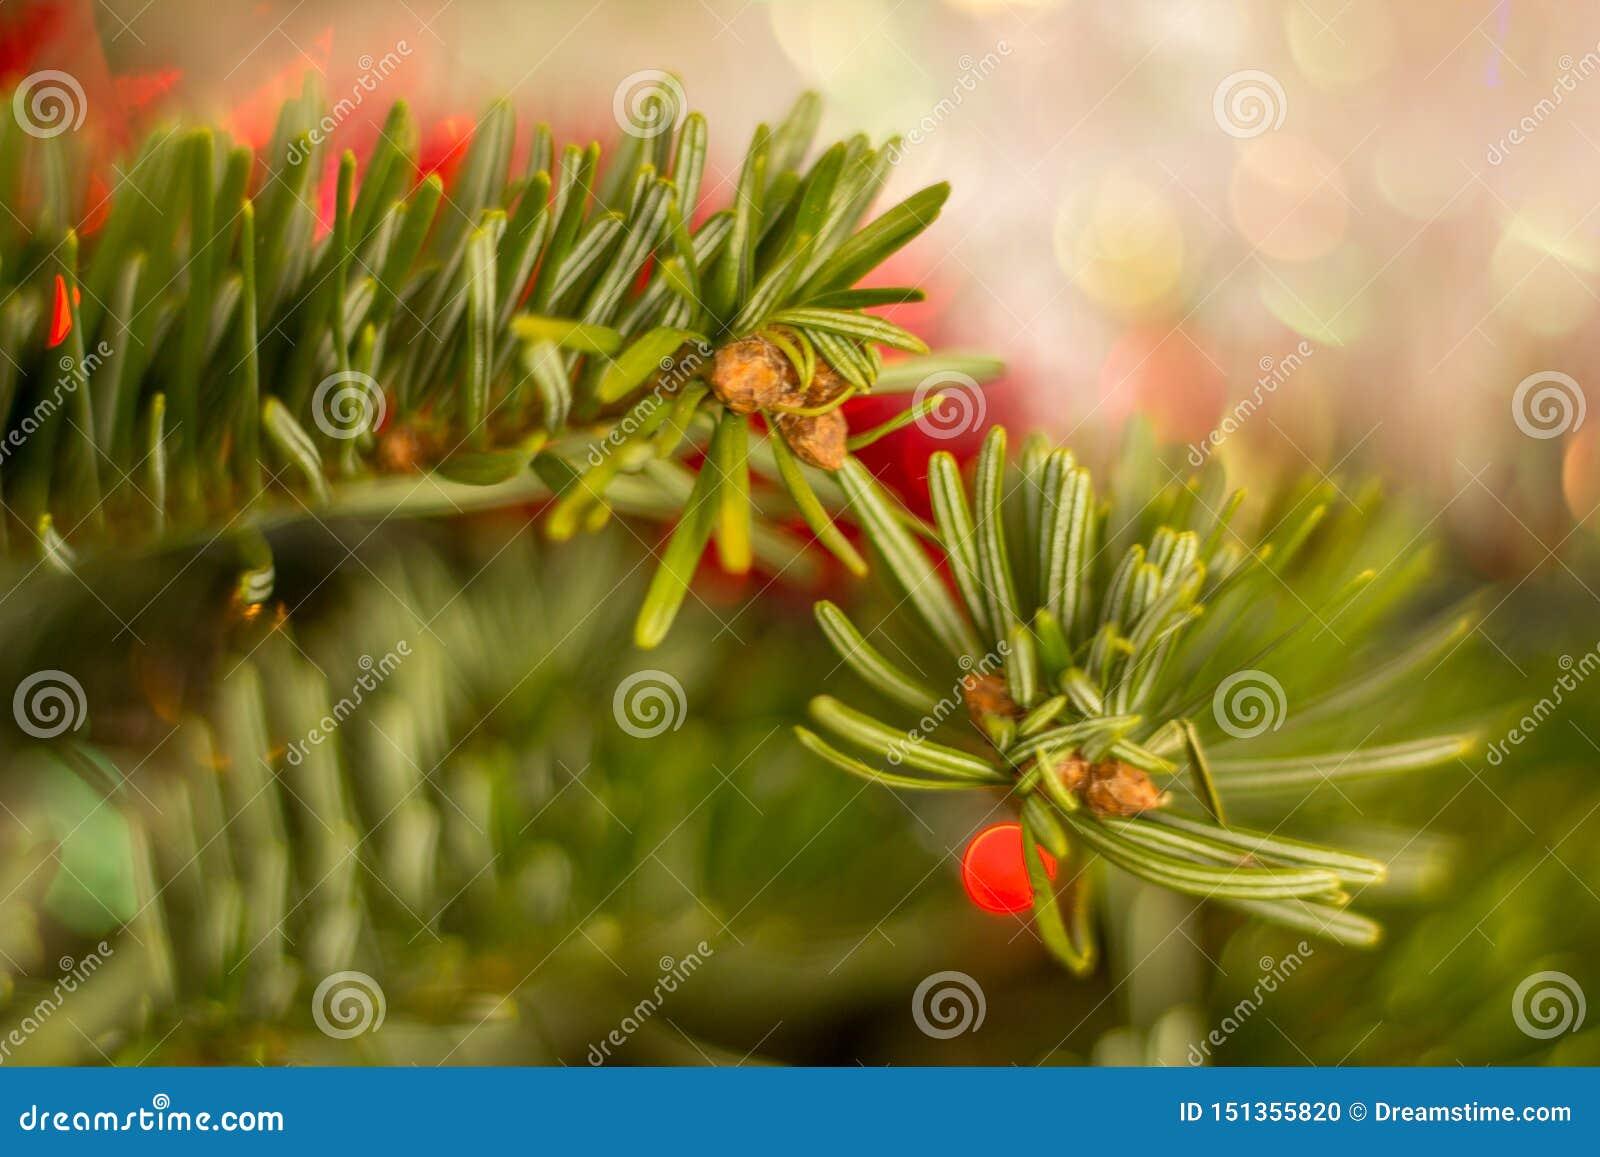 Κλάδος χριστουγεννιάτικων δέντρων με τους οφθαλμούς